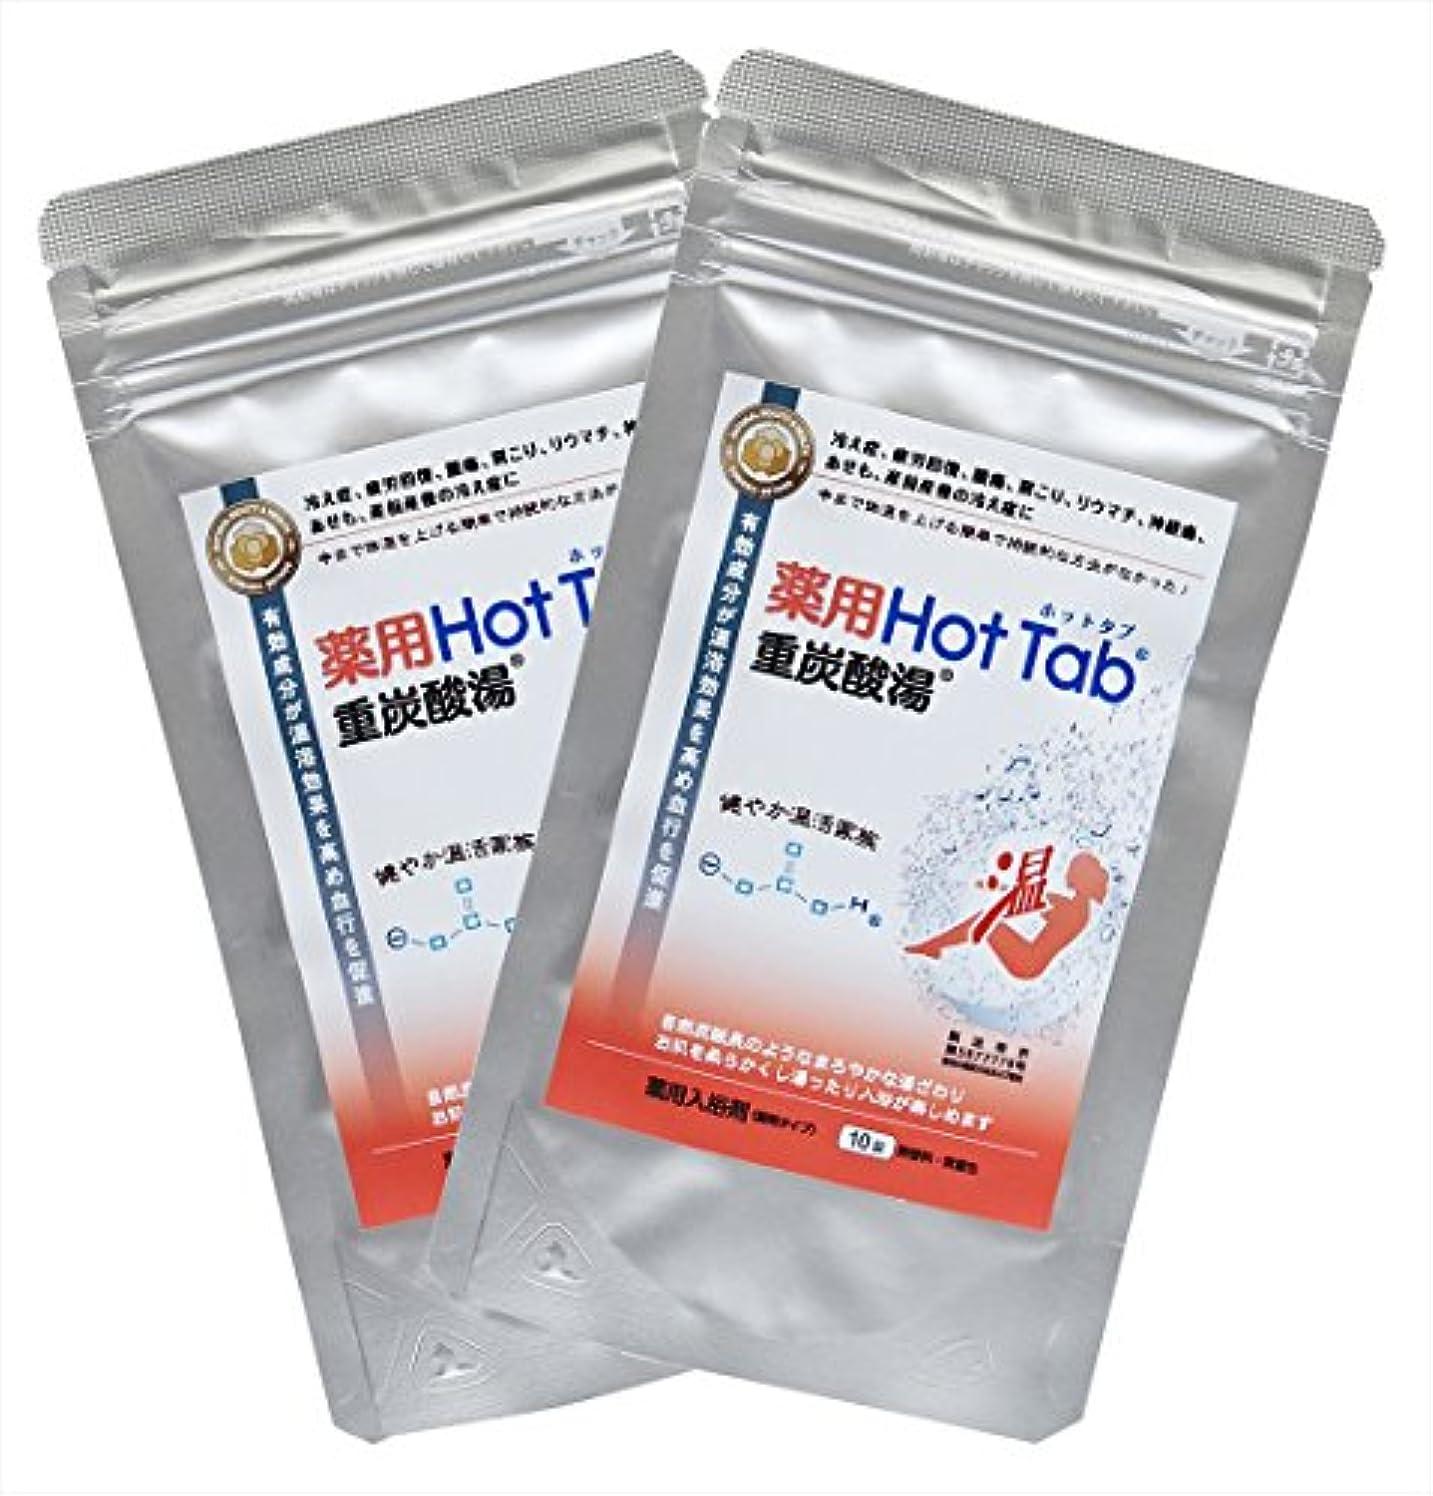 間欠器官カウンターパート薬用 Hot Tab 重炭酸湯 10錠入りx2セット